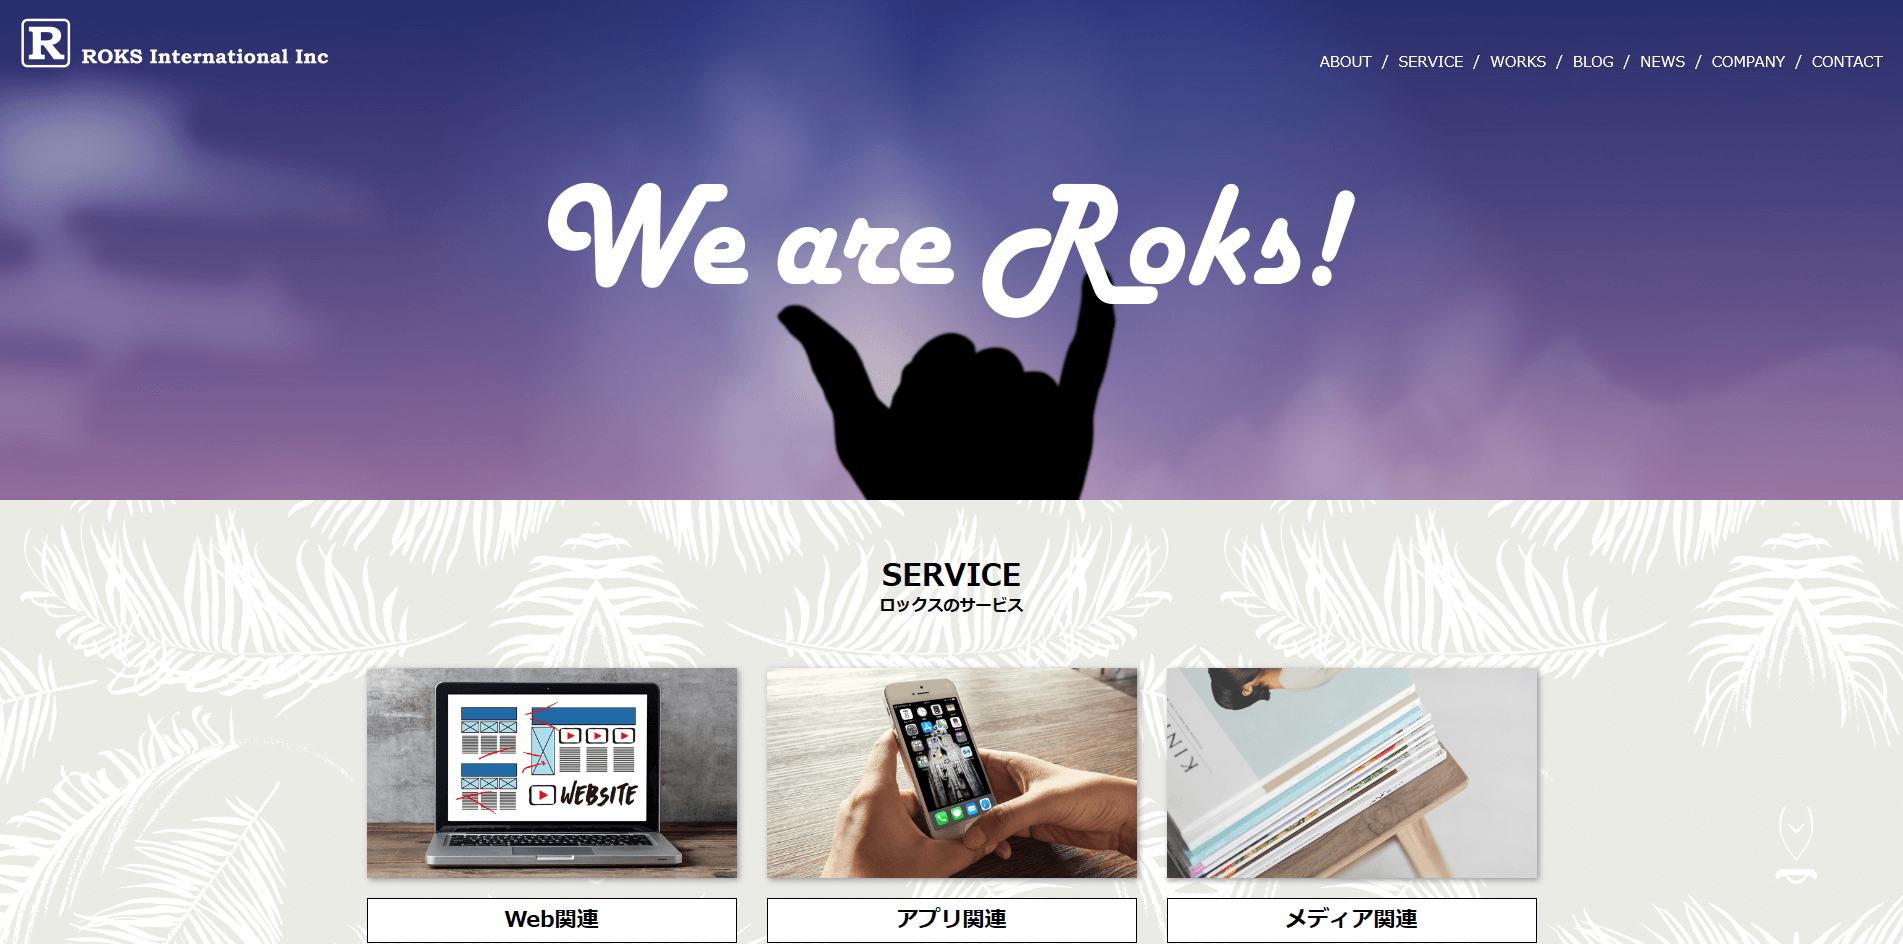 ロックスインターナショナル株式会社